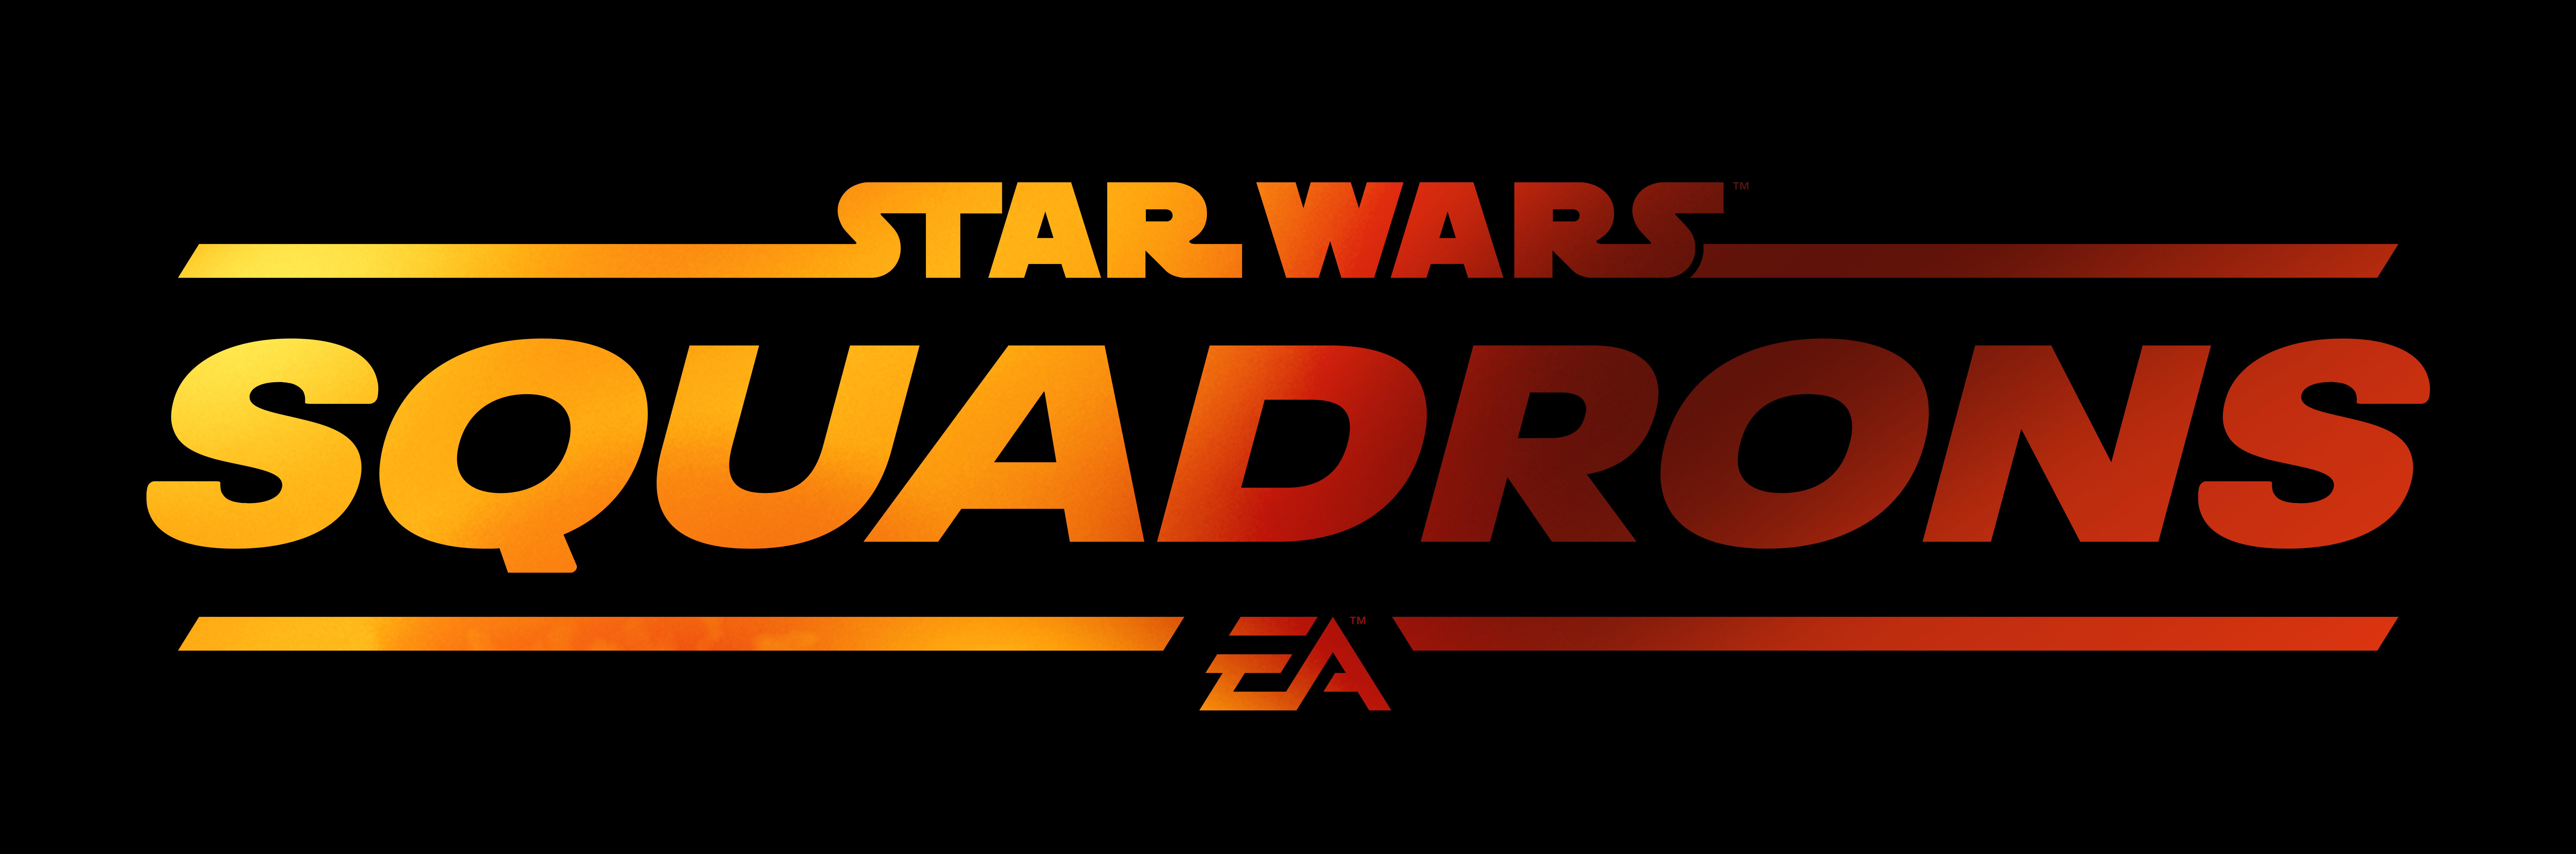 Star Wars Squadrons – Gefechte im Weltall mit vollem VR-Support für PC und PSVR (Neu: Gameplaytrailer)